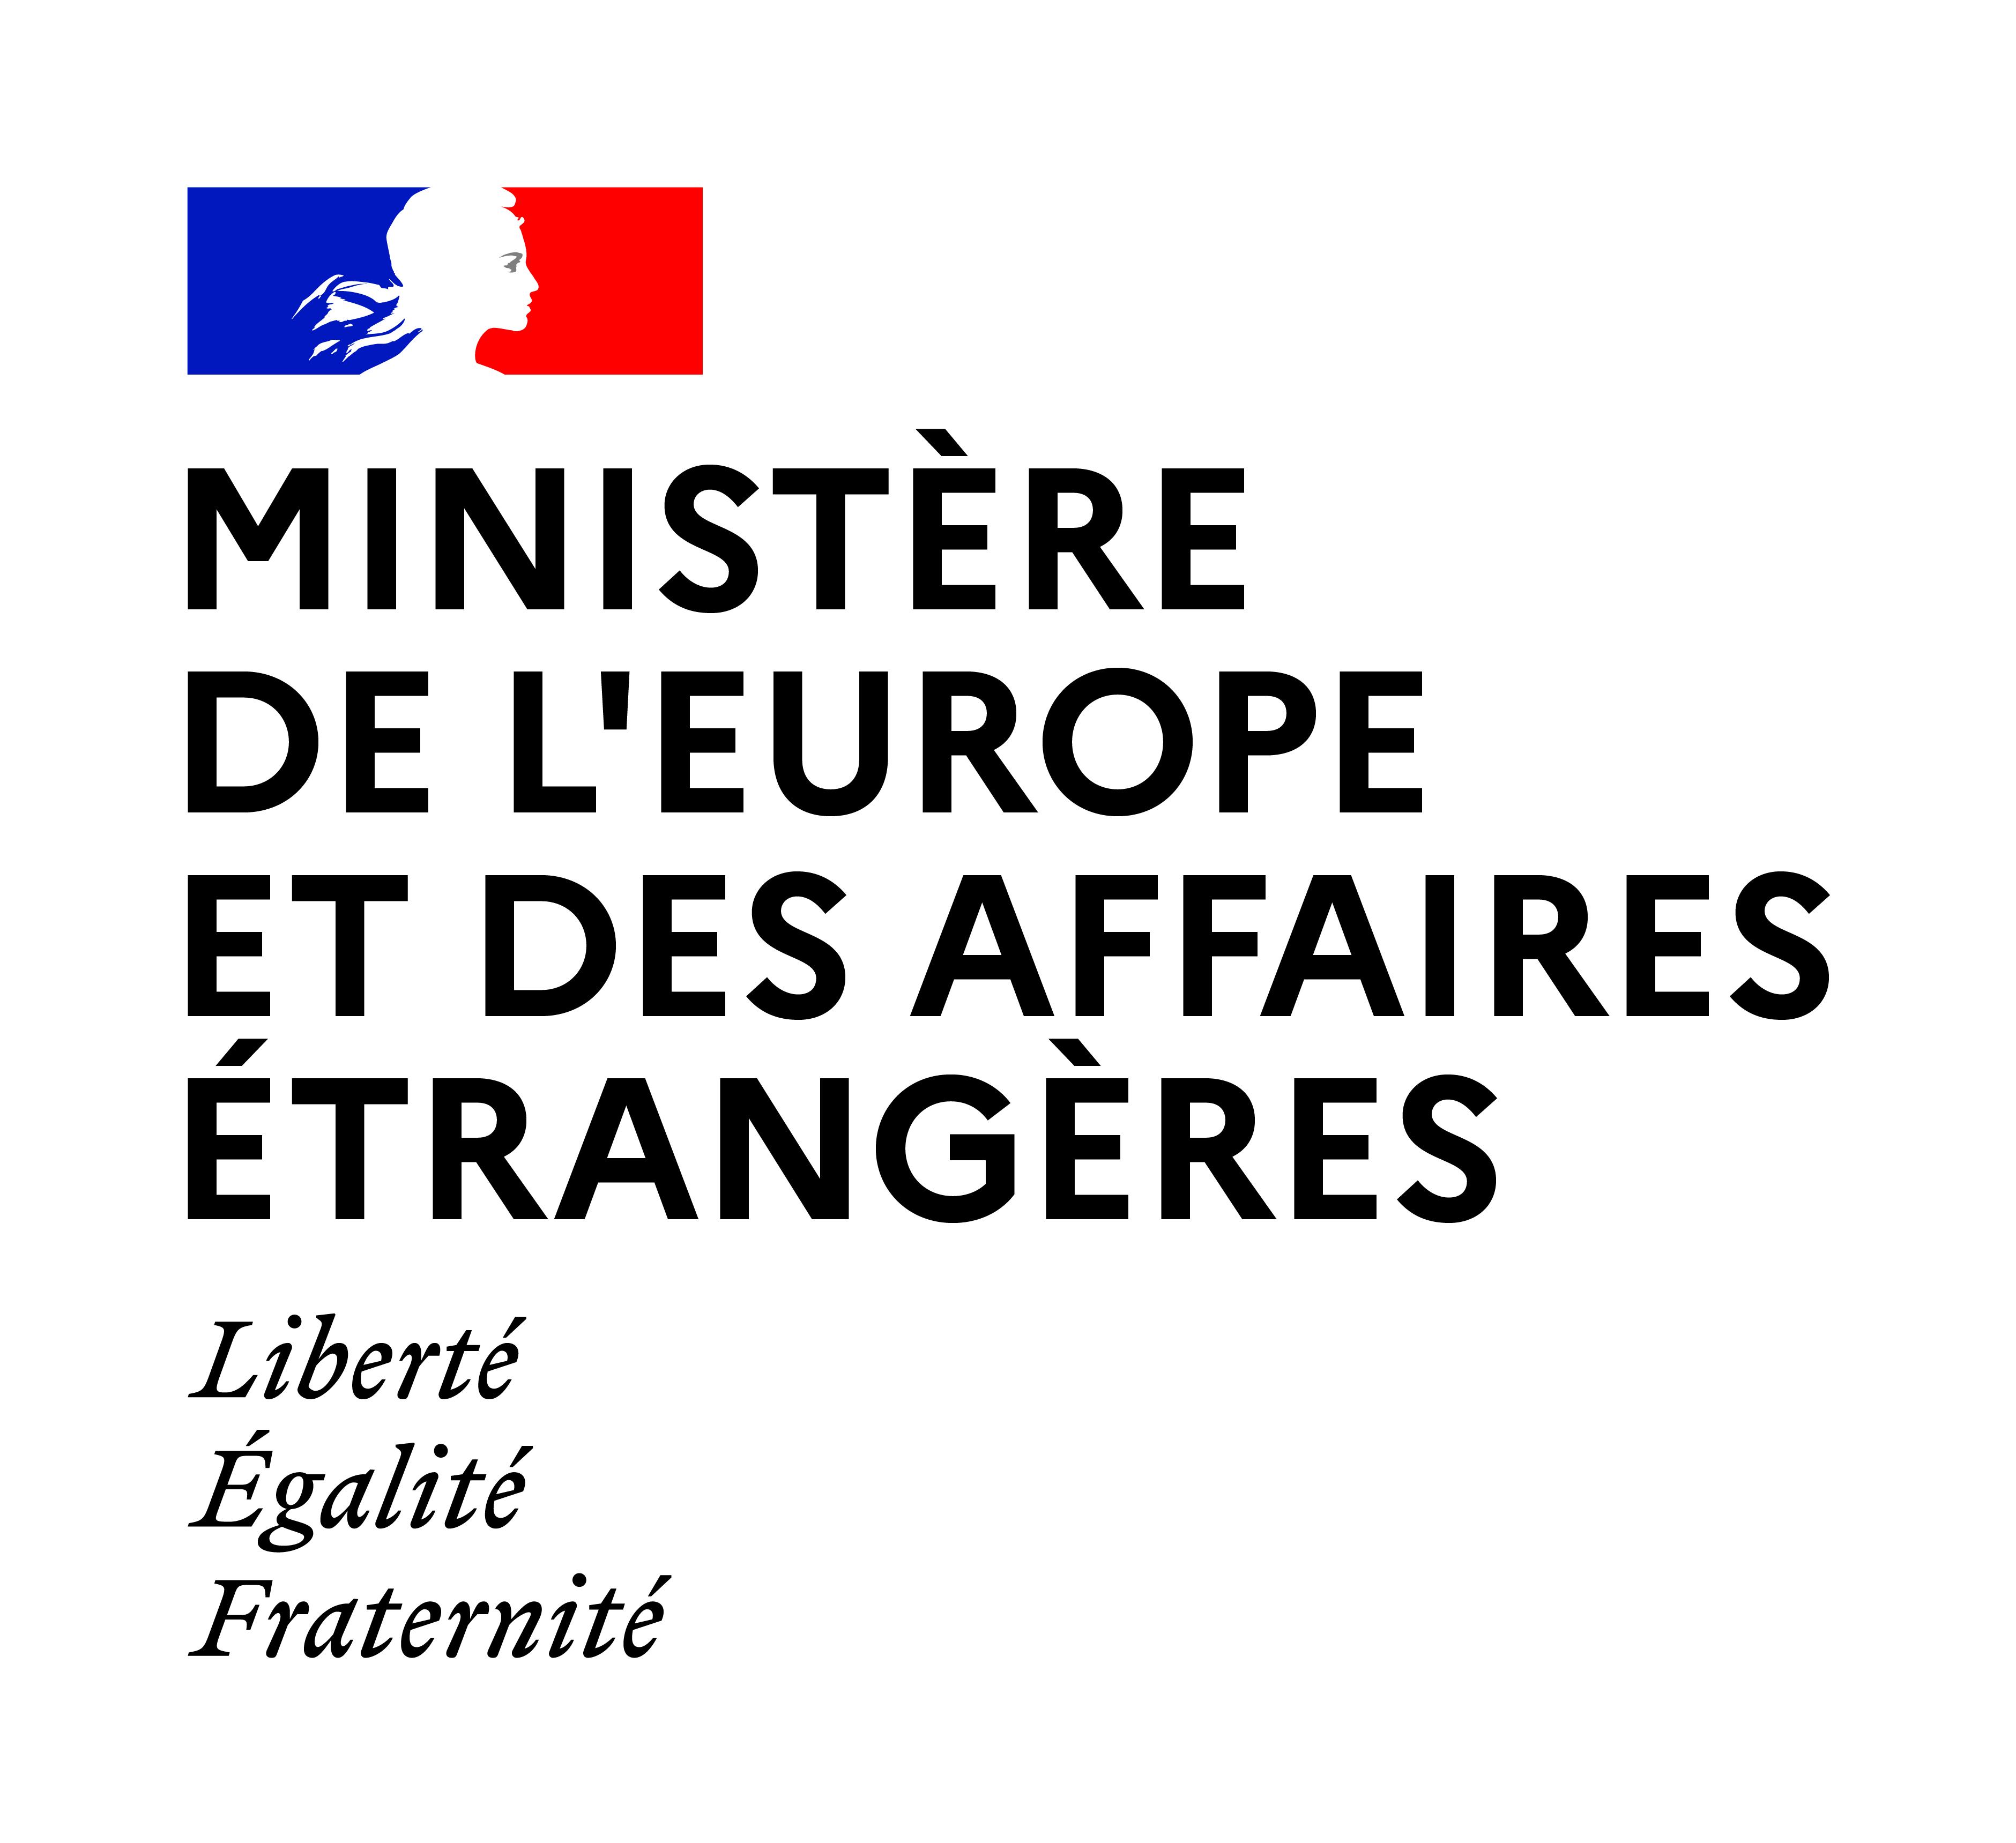 Ministère de l'Europe et des Affaires Etrangrères